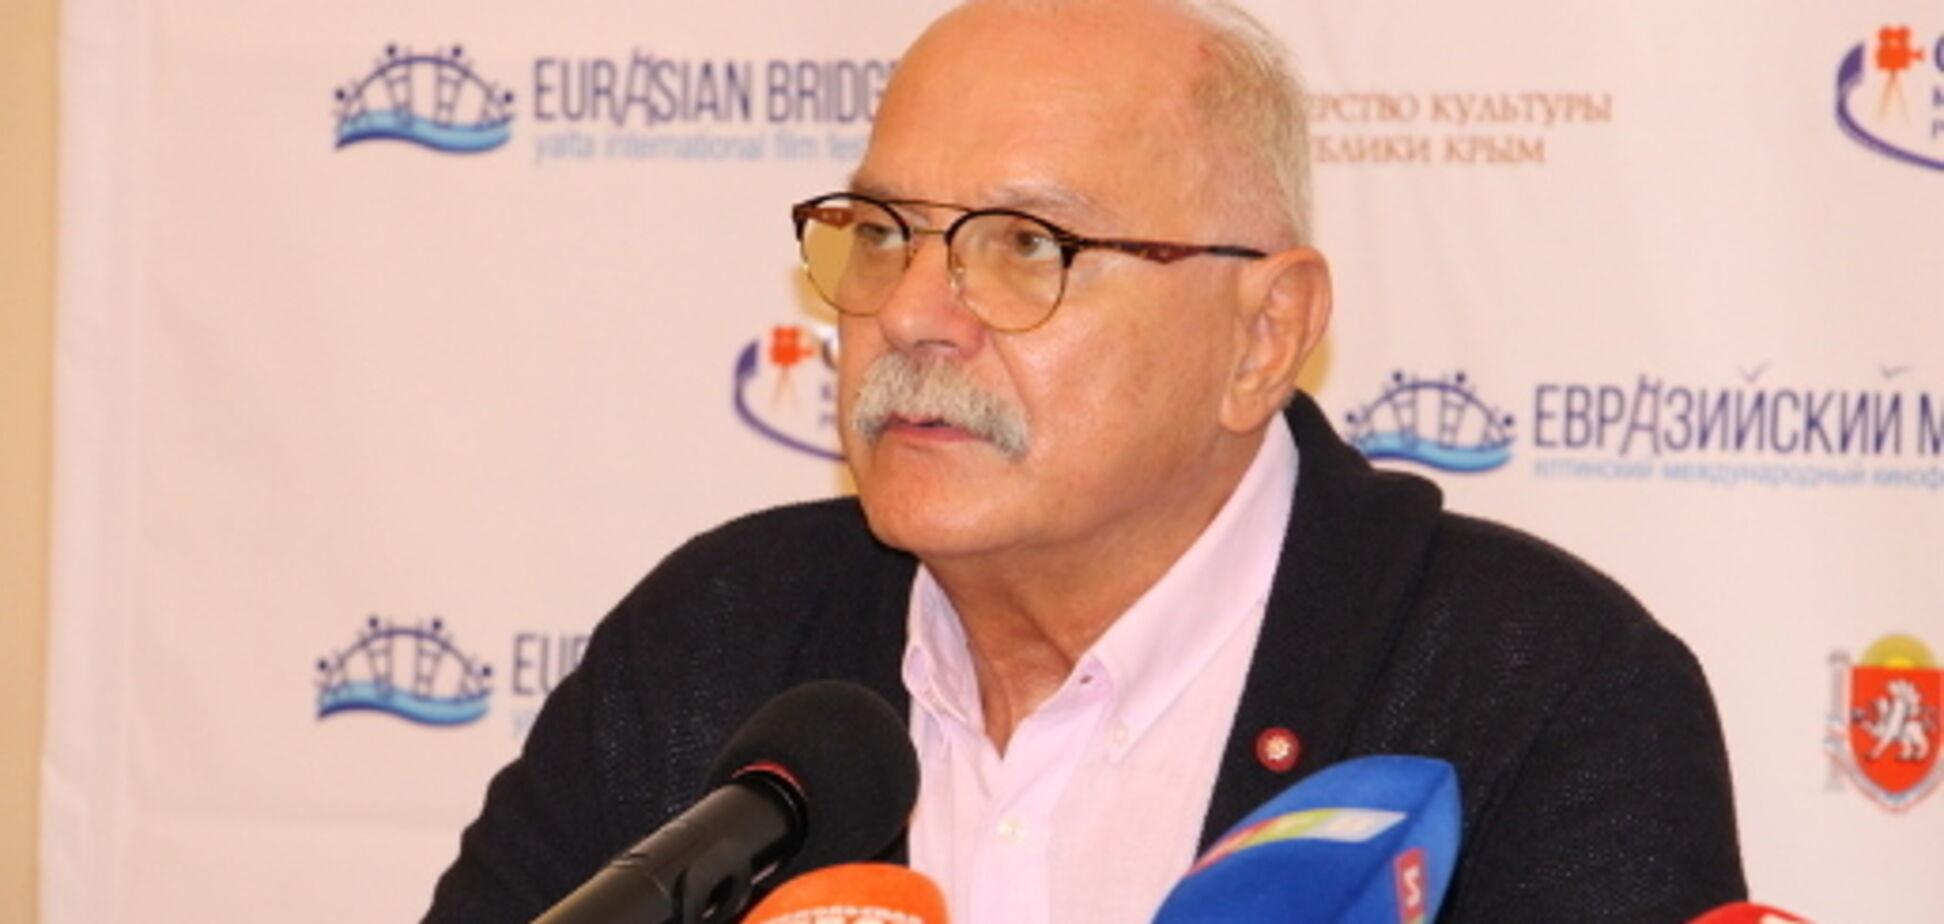 'Споконвіку': скандальний російський режисер зробив заяву про Крим